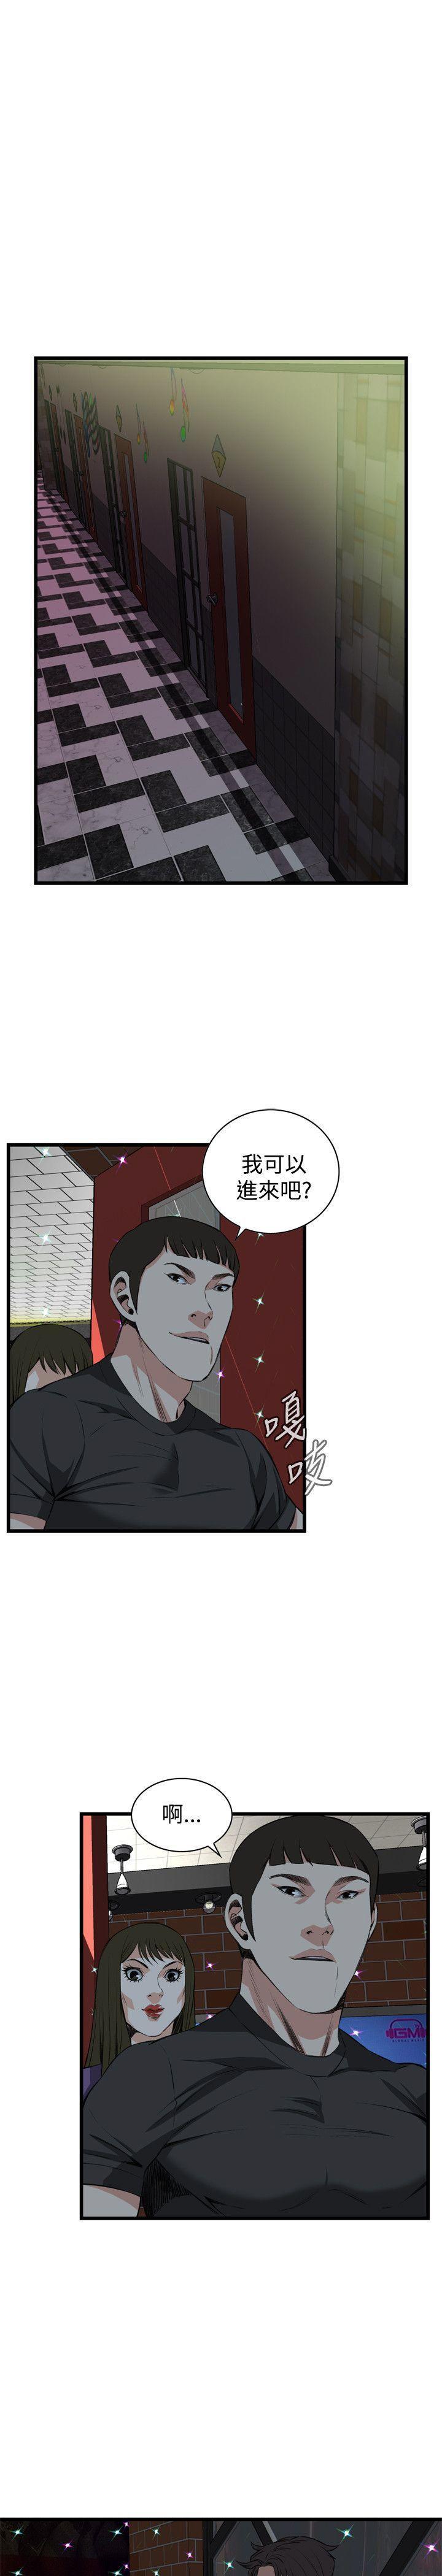 偷窥72-93 Chinese Rsiky 65